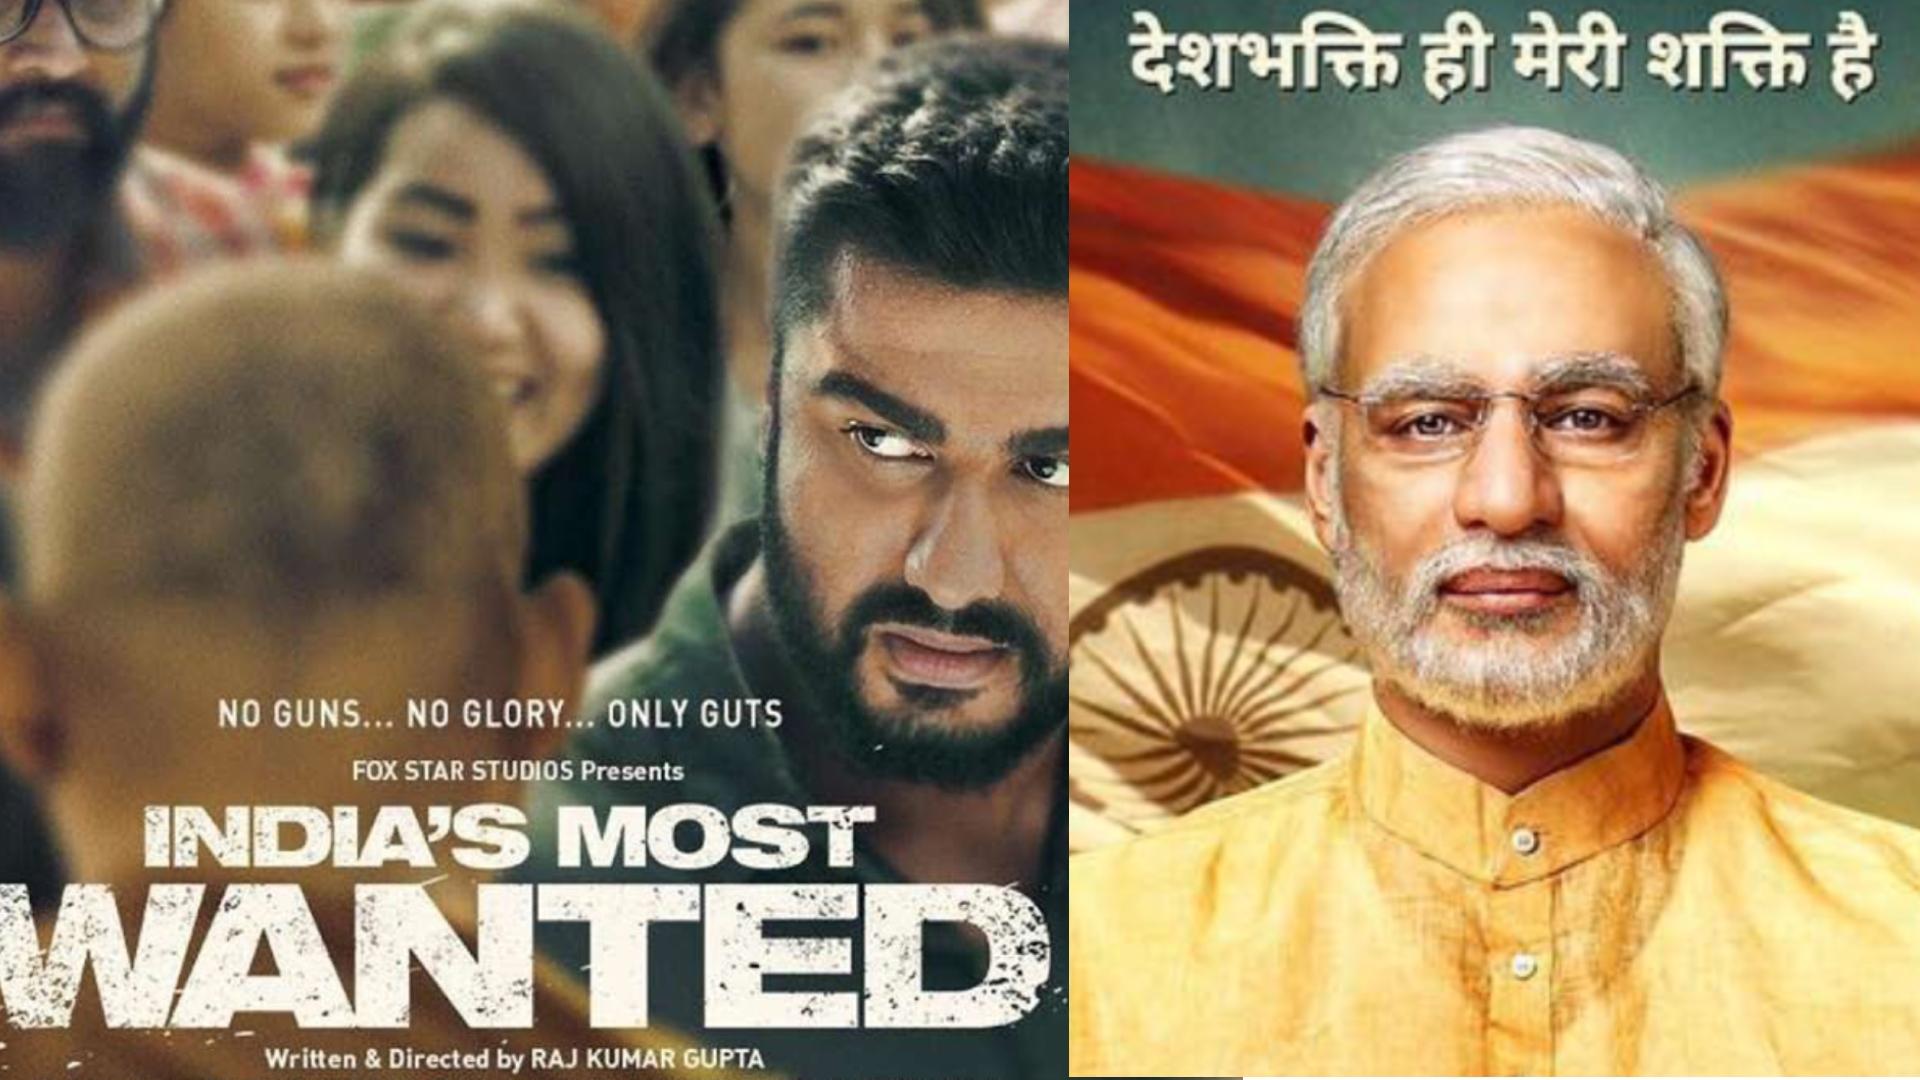 Box Office Collection Day 3: 'पीएम नरेंद्र मोदी' और 'इंडियाज मोस्ट वांटेड' ने अब तक कमाए इतने करोड़ रुपये